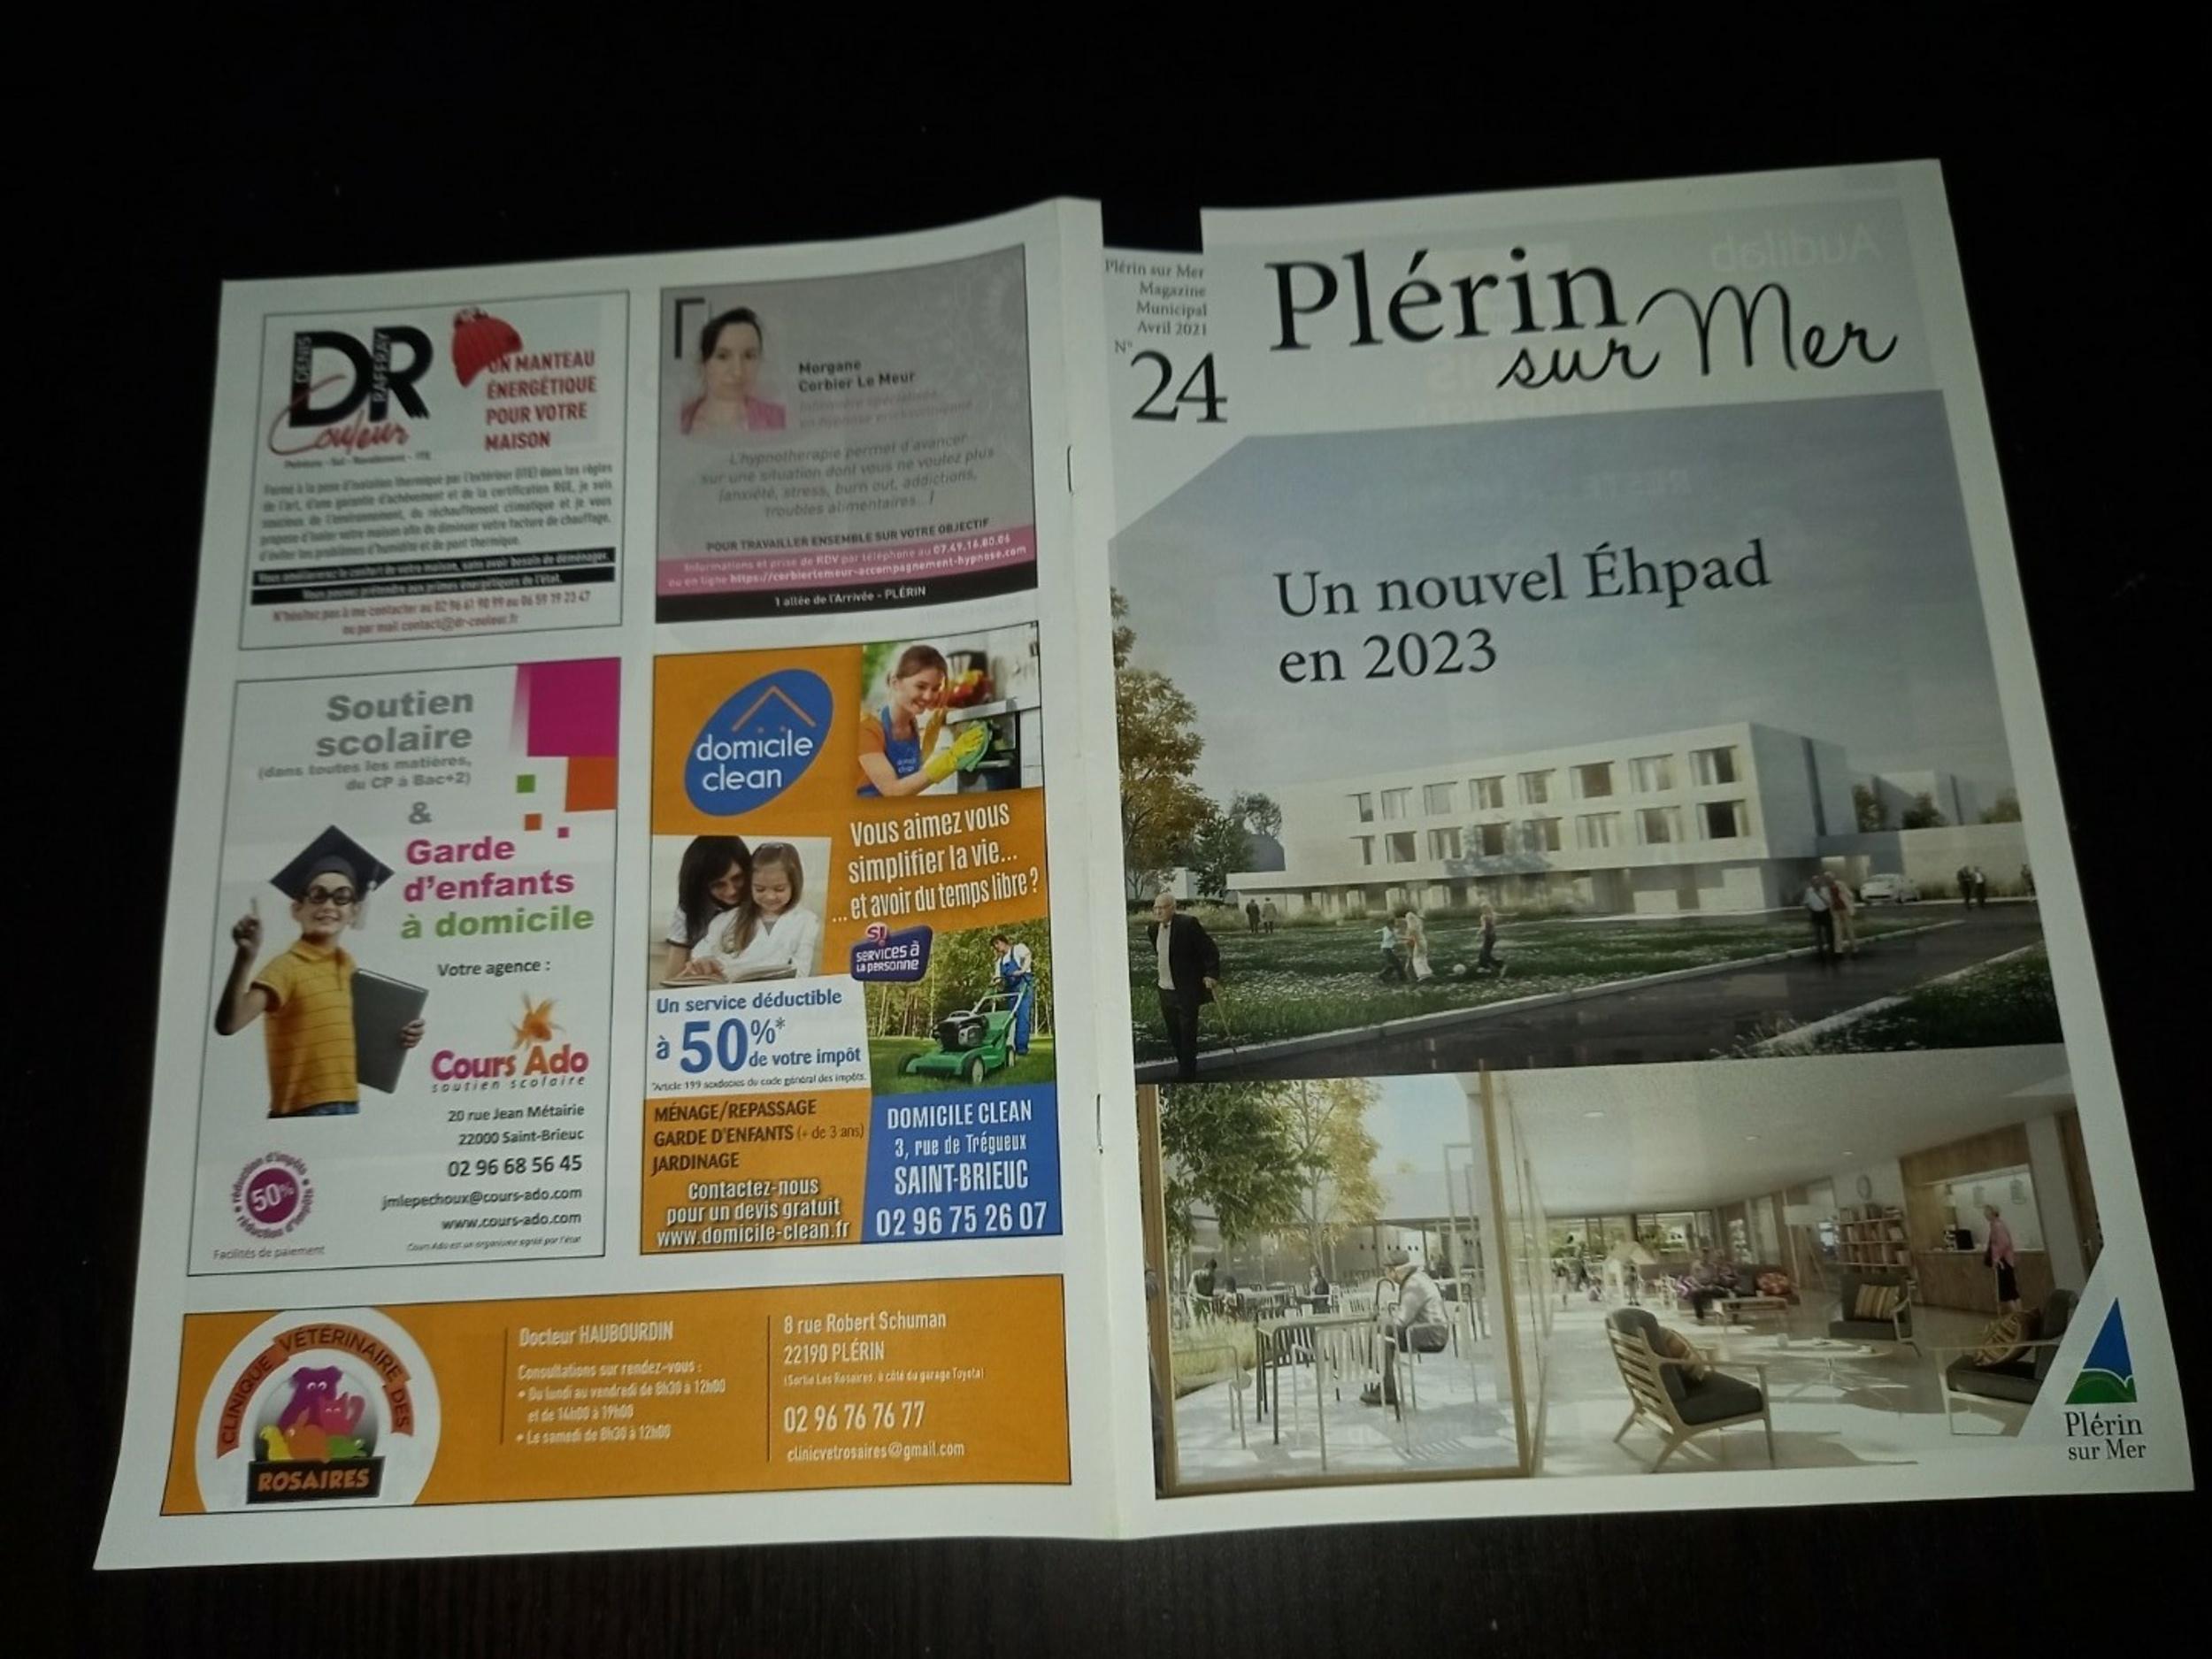 DR Couleur - Parution magazine Plérin